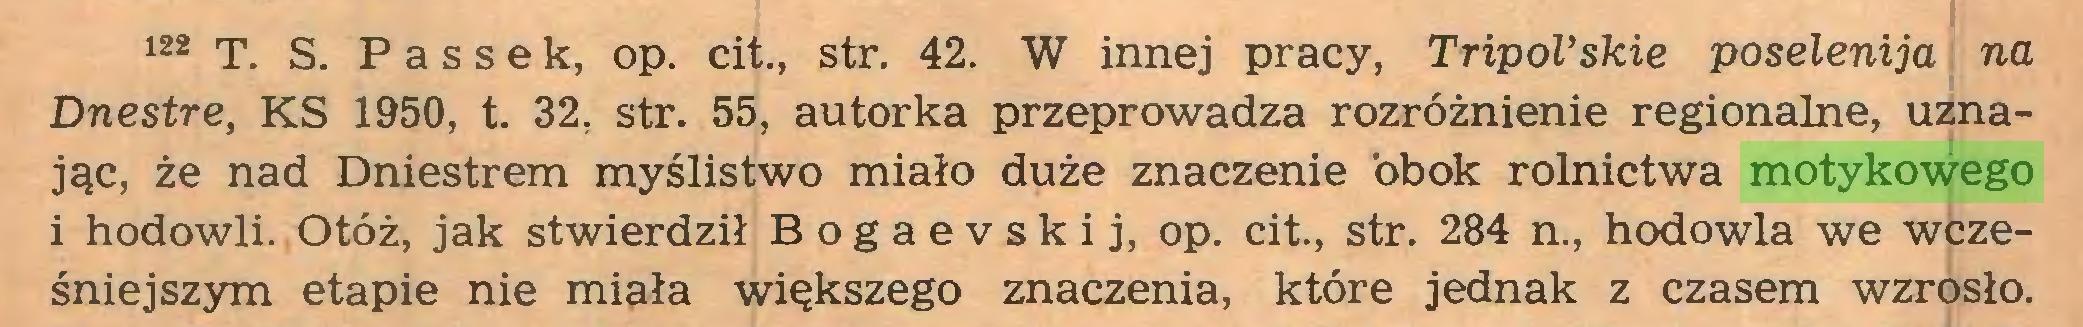 (...) 122 T. S. Passe k, op. cit., str. 42. W innej pracy, Tripol'skie poselenija na Dnestre, KS 1950, t. 32, str. 55, autorka przeprowadza rozróżnienie regionalne, uznając, że nad Dniestrem myślistwo miało duże znaczenie obok rolnictwa motykowego i hodowli. Otóż, jak stwierdził B o g a e v s k i j, op. cit., str. 284 n., hodowla we wcześniejszym etapie nie miała większego znaczenia, które jednak z czasem wzrosło...